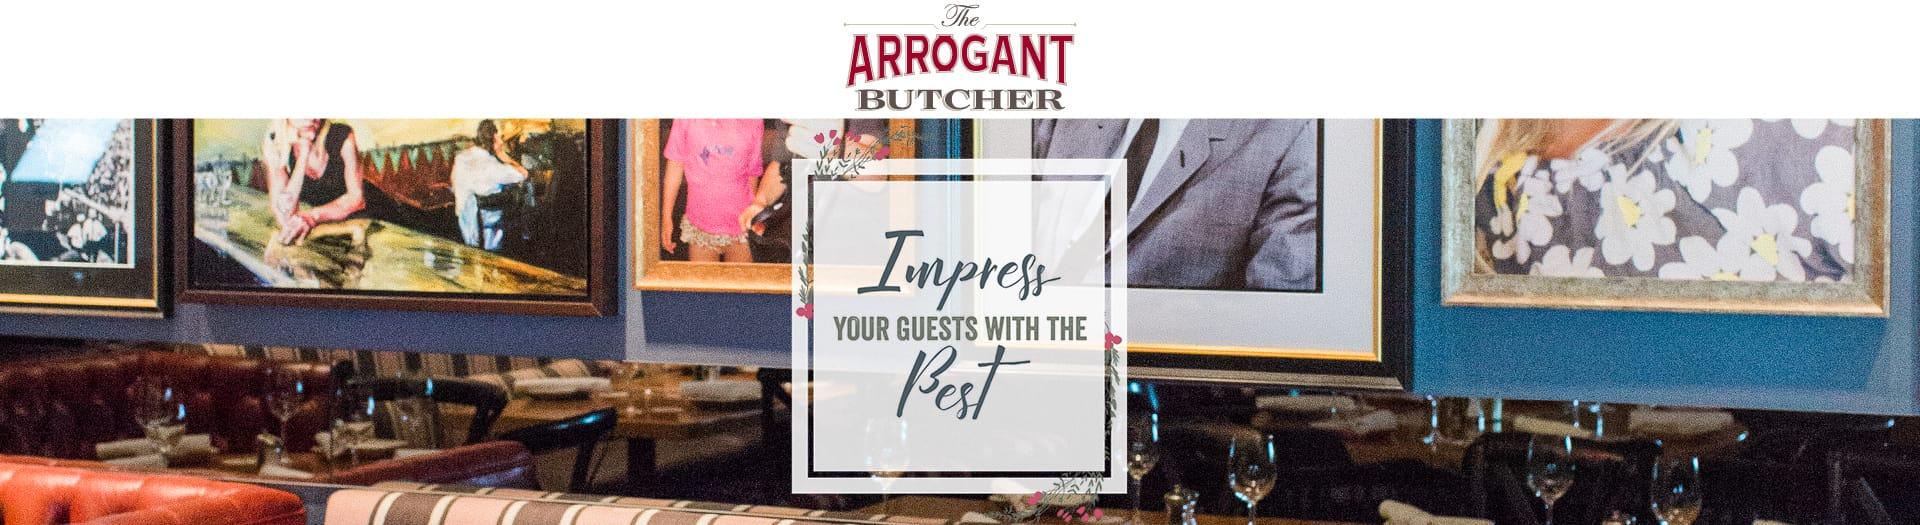 The Arrogant Butcher - Phoenix, AZ